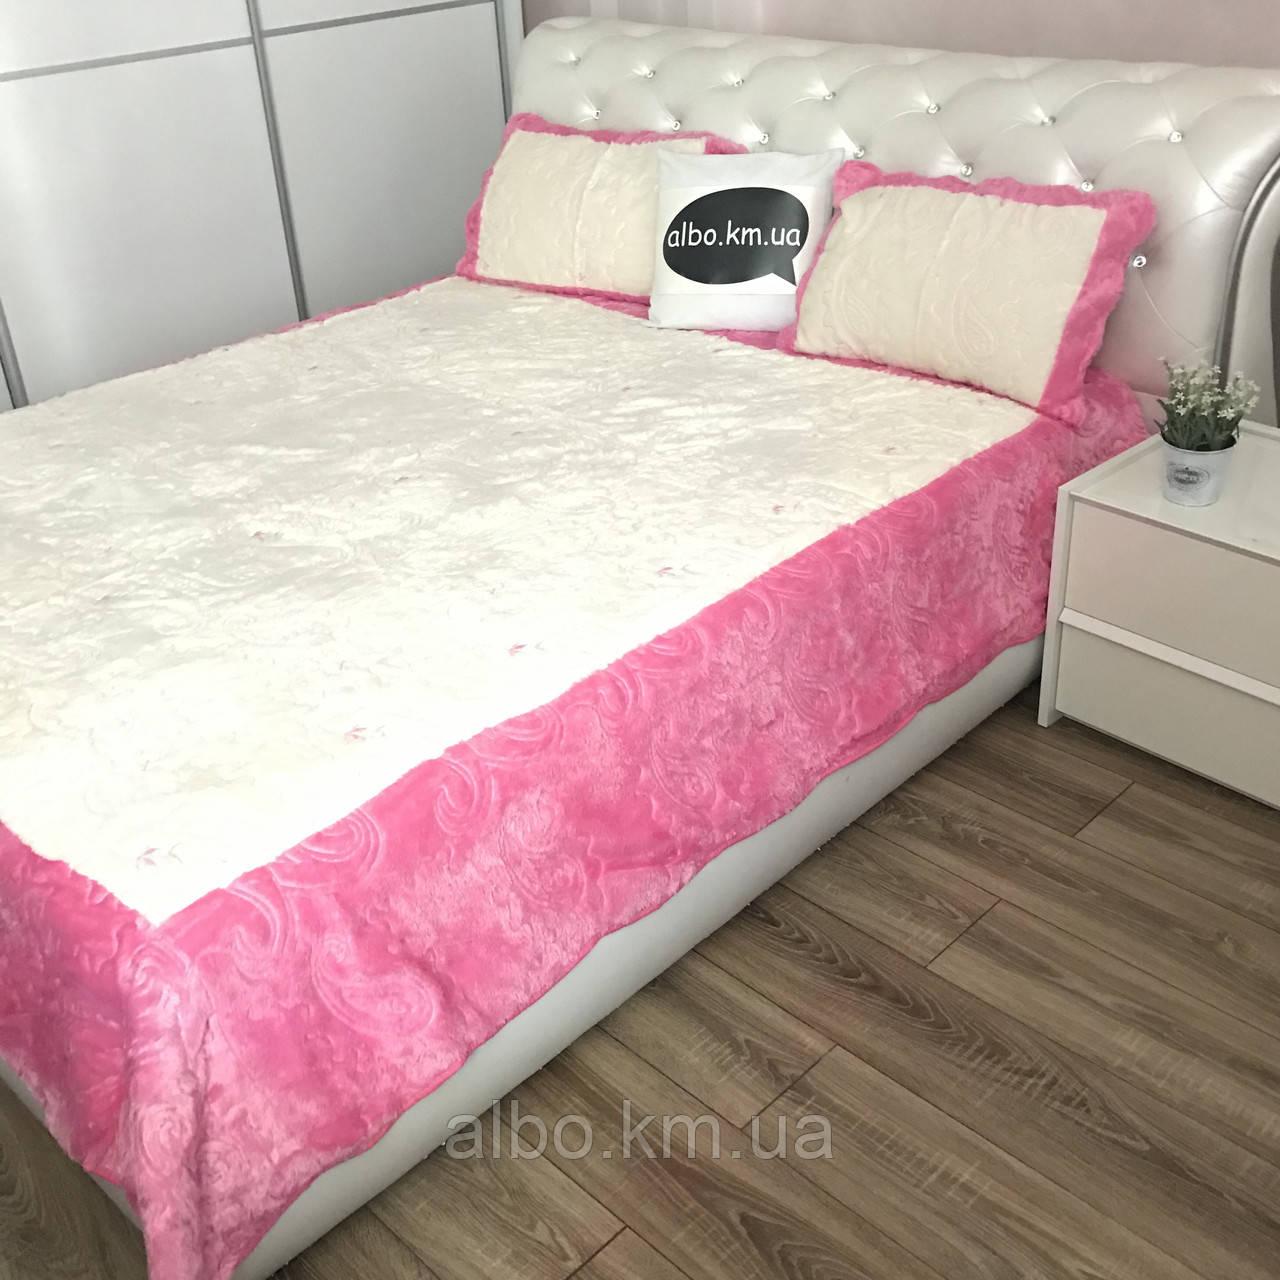 Стильное покрывало на кровать ALBO 220x240 cm + наволочки 50x70 cm(2 шт) Розовое (P-E-3-4)